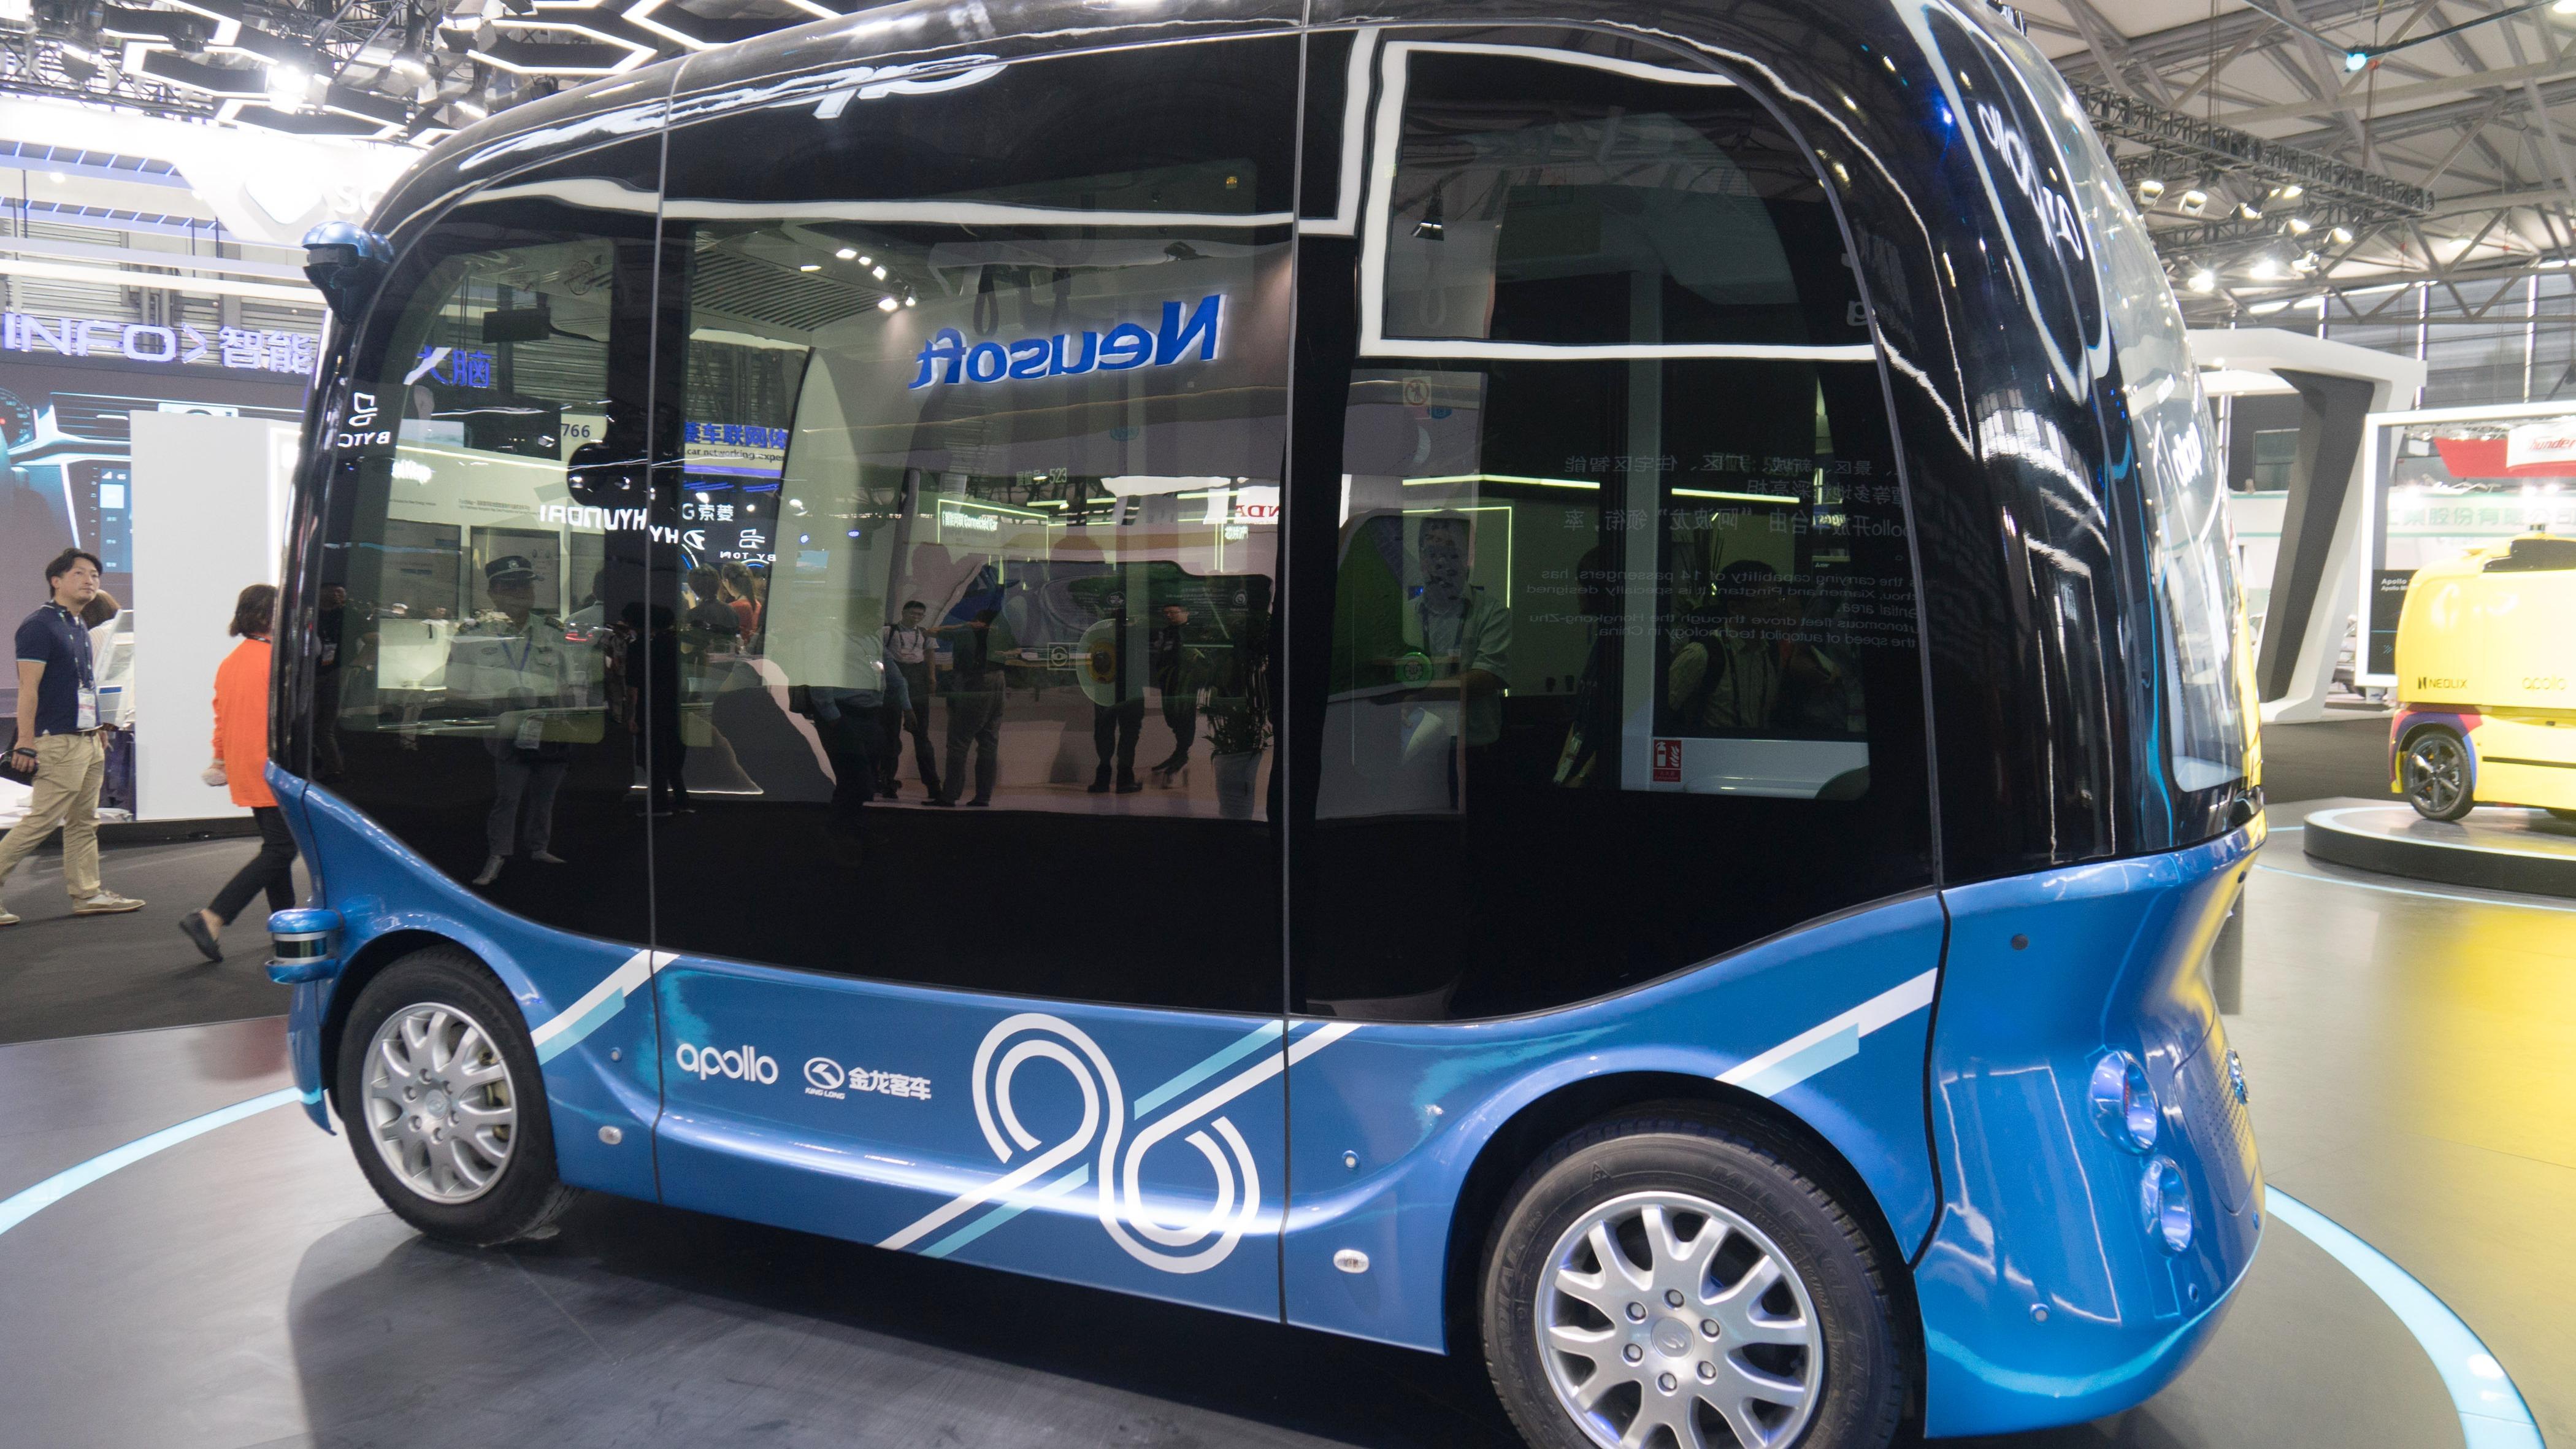 Estos buses pueden operar en lugares cerrados sin intervención humana.